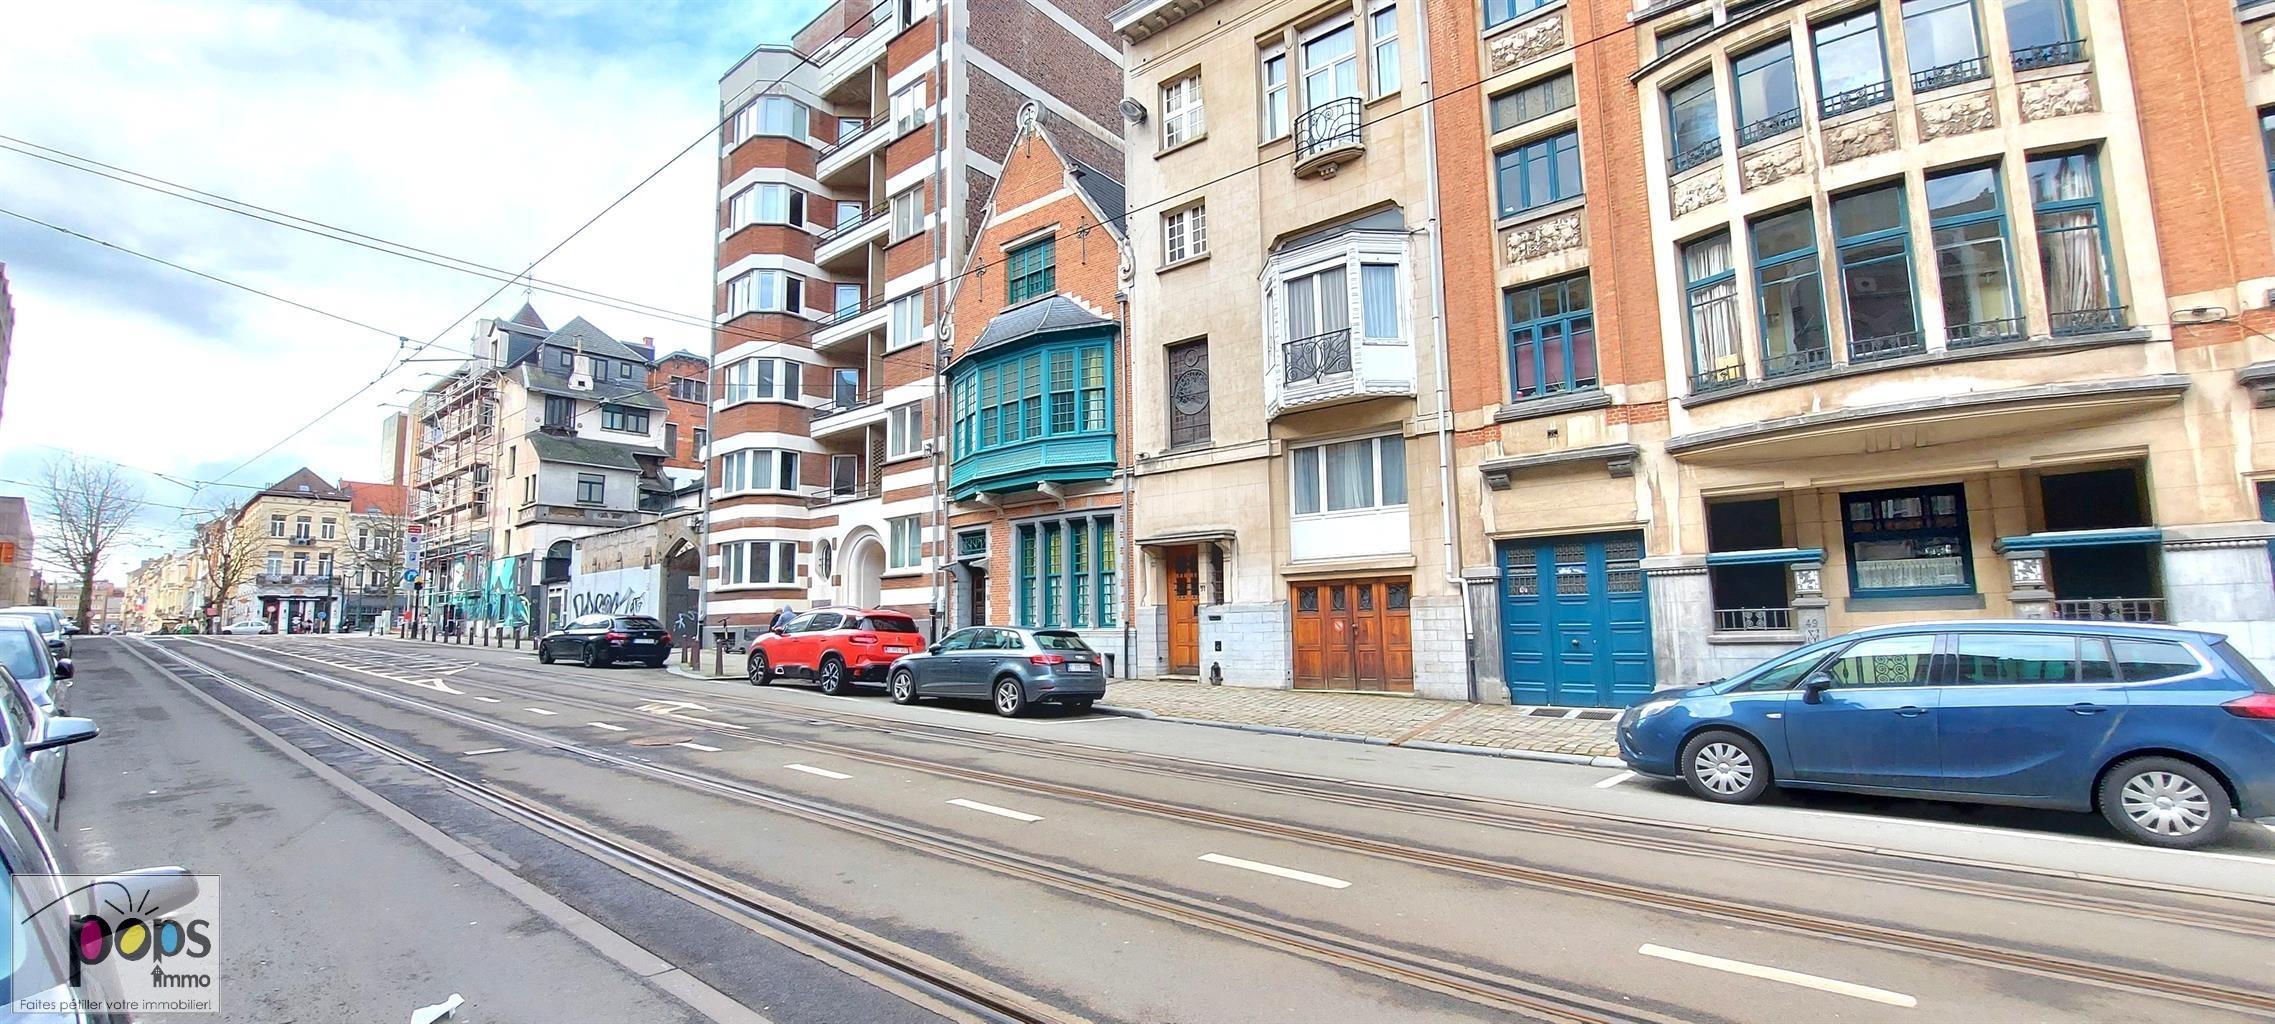 Appartement exceptionnel - Bruxelles - #4307954-39